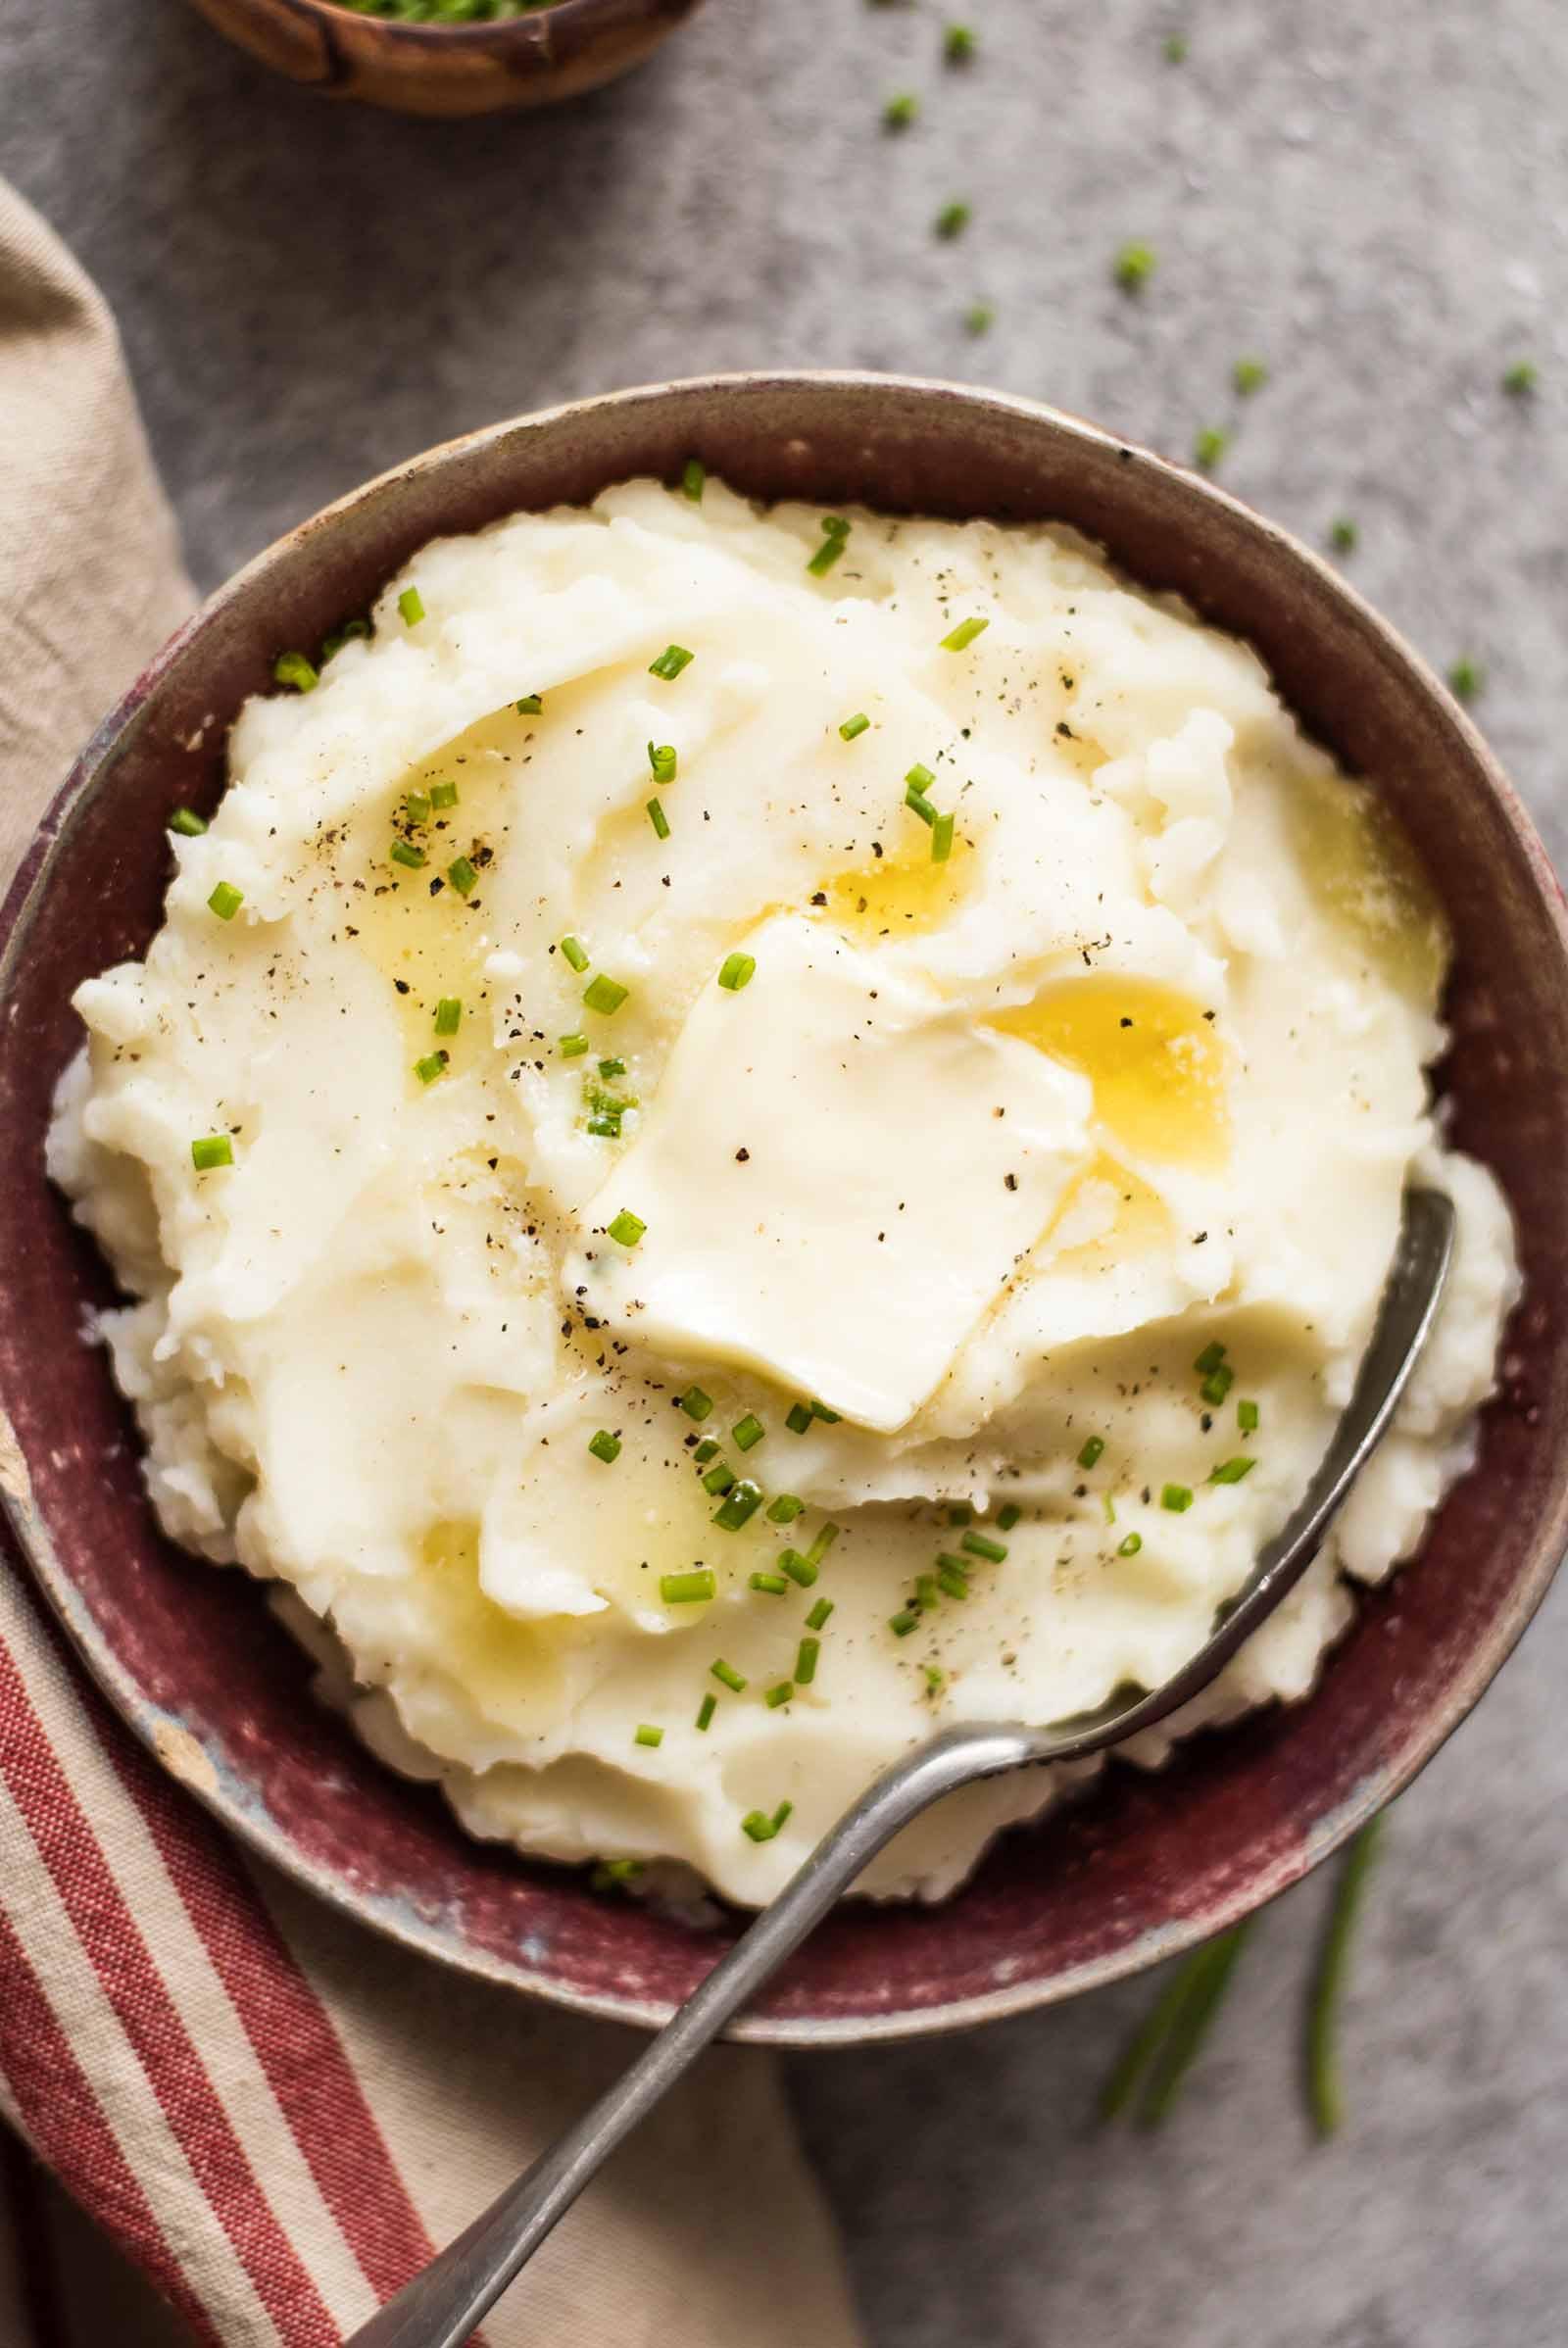 Mashed Potatoes Recipe Thanksgiving  Slow Cooker Mashed Potatoes Recipe